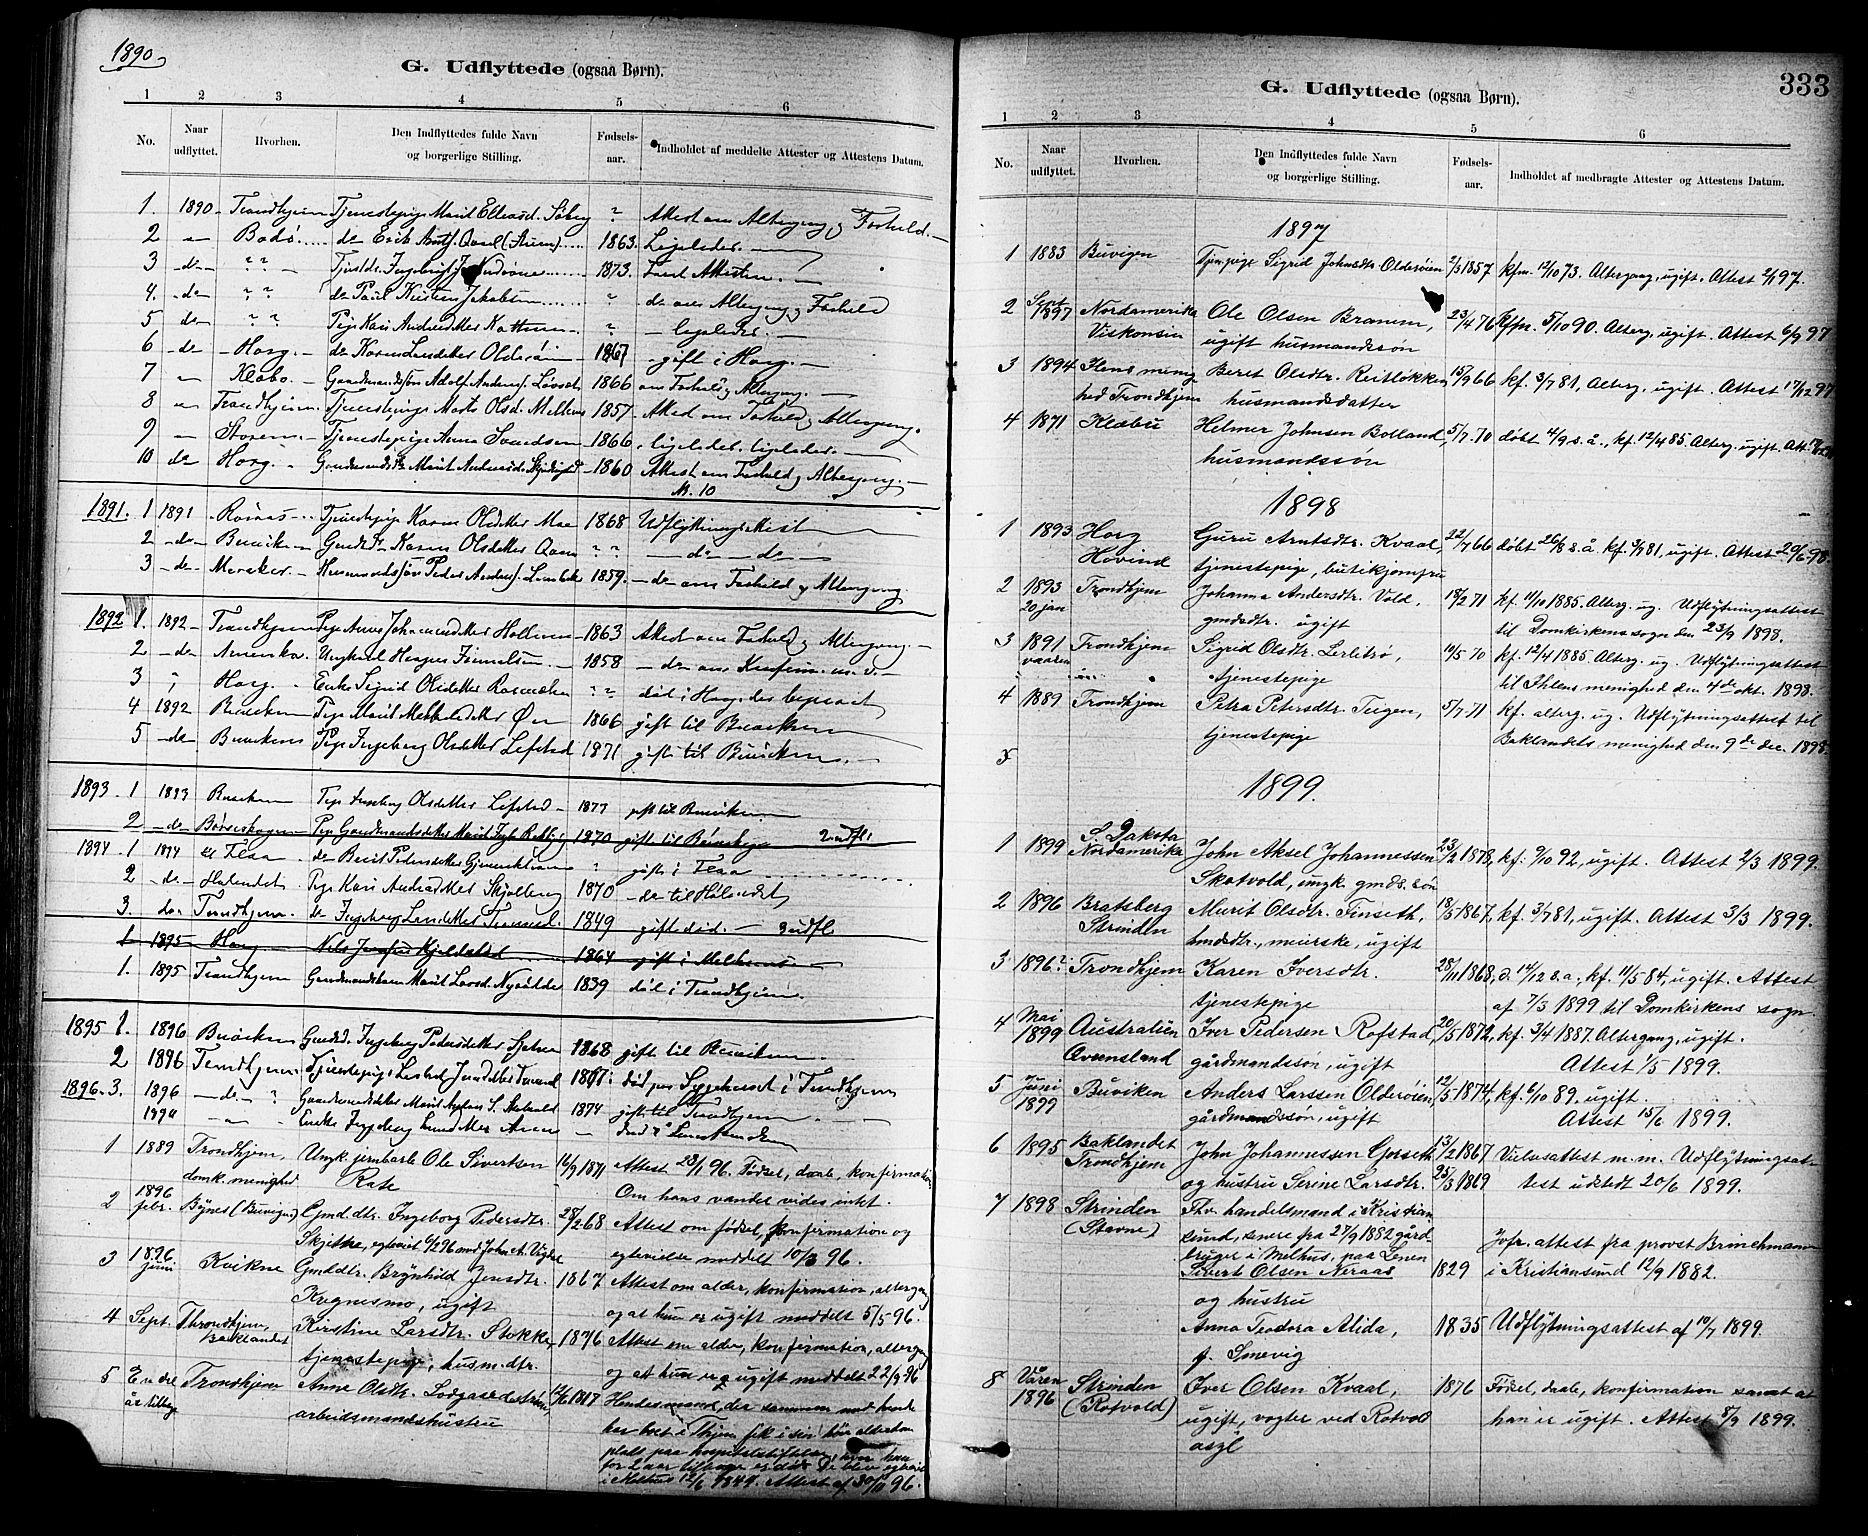 SAT, Ministerialprotokoller, klokkerbøker og fødselsregistre - Sør-Trøndelag, 691/L1094: Klokkerbok nr. 691C05, 1879-1911, s. 333